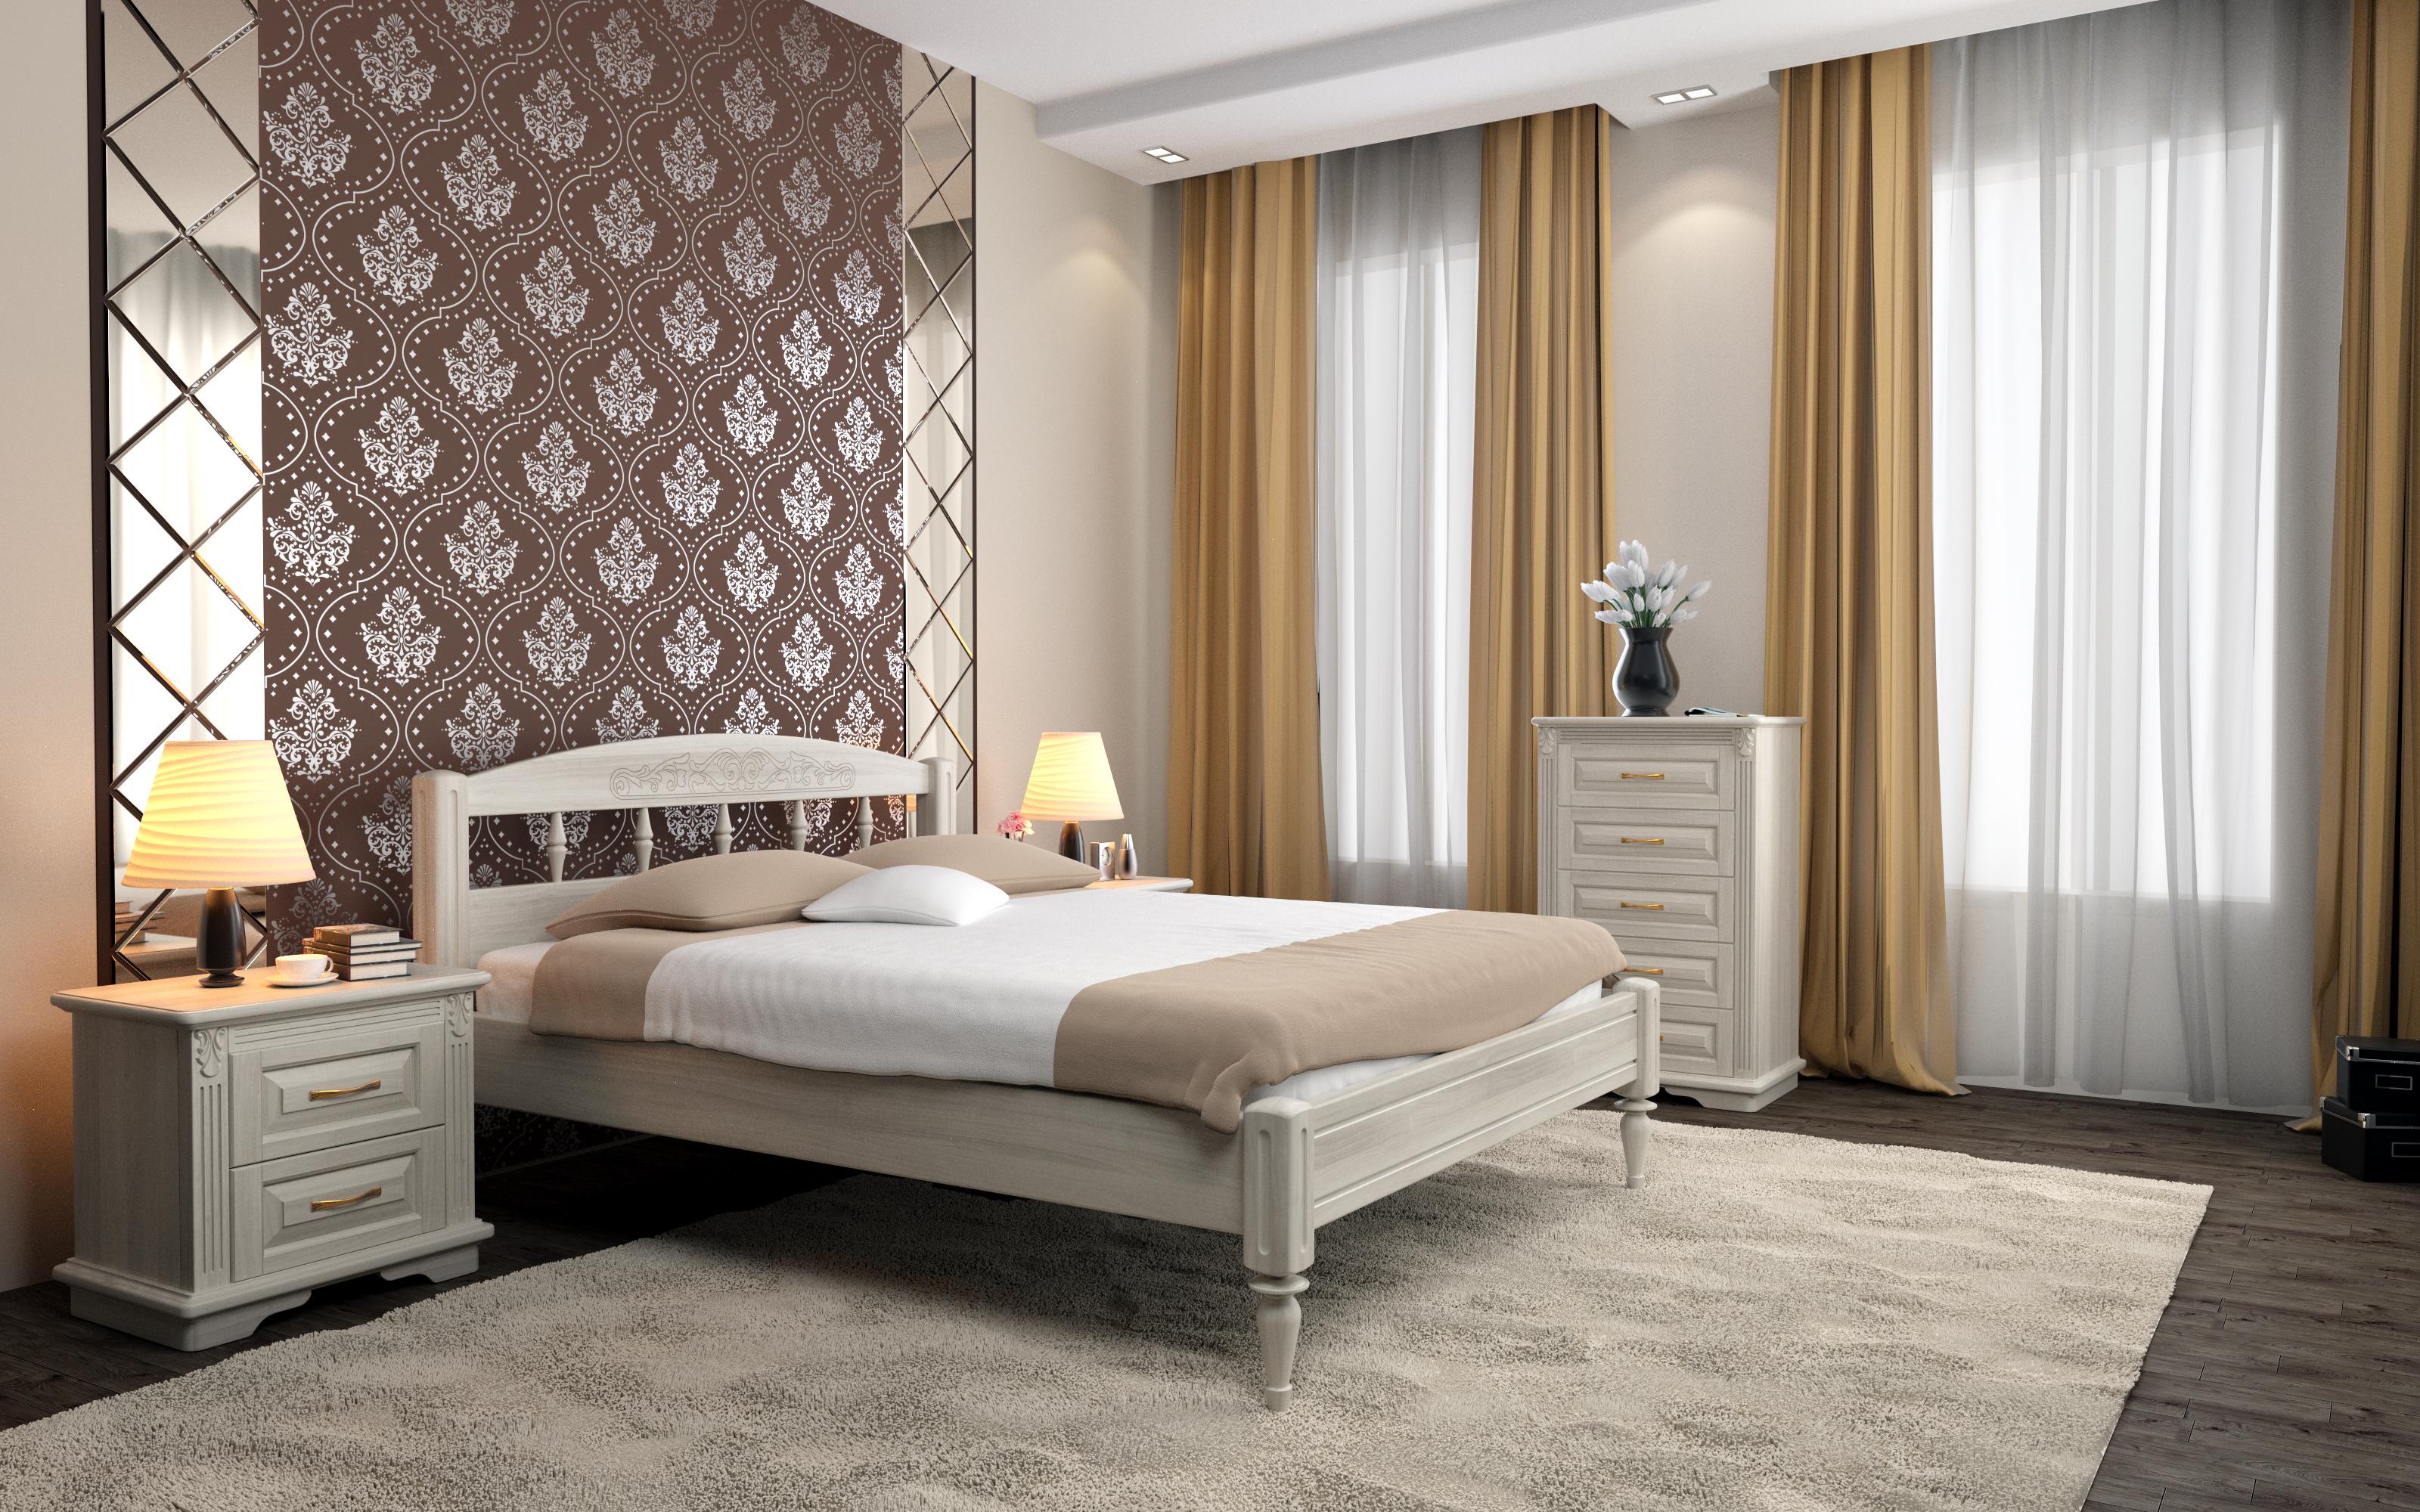 Кровать DreamLine Флоренция 1 (Ясень) Кровать Флоренция 1 (Ясень) фото